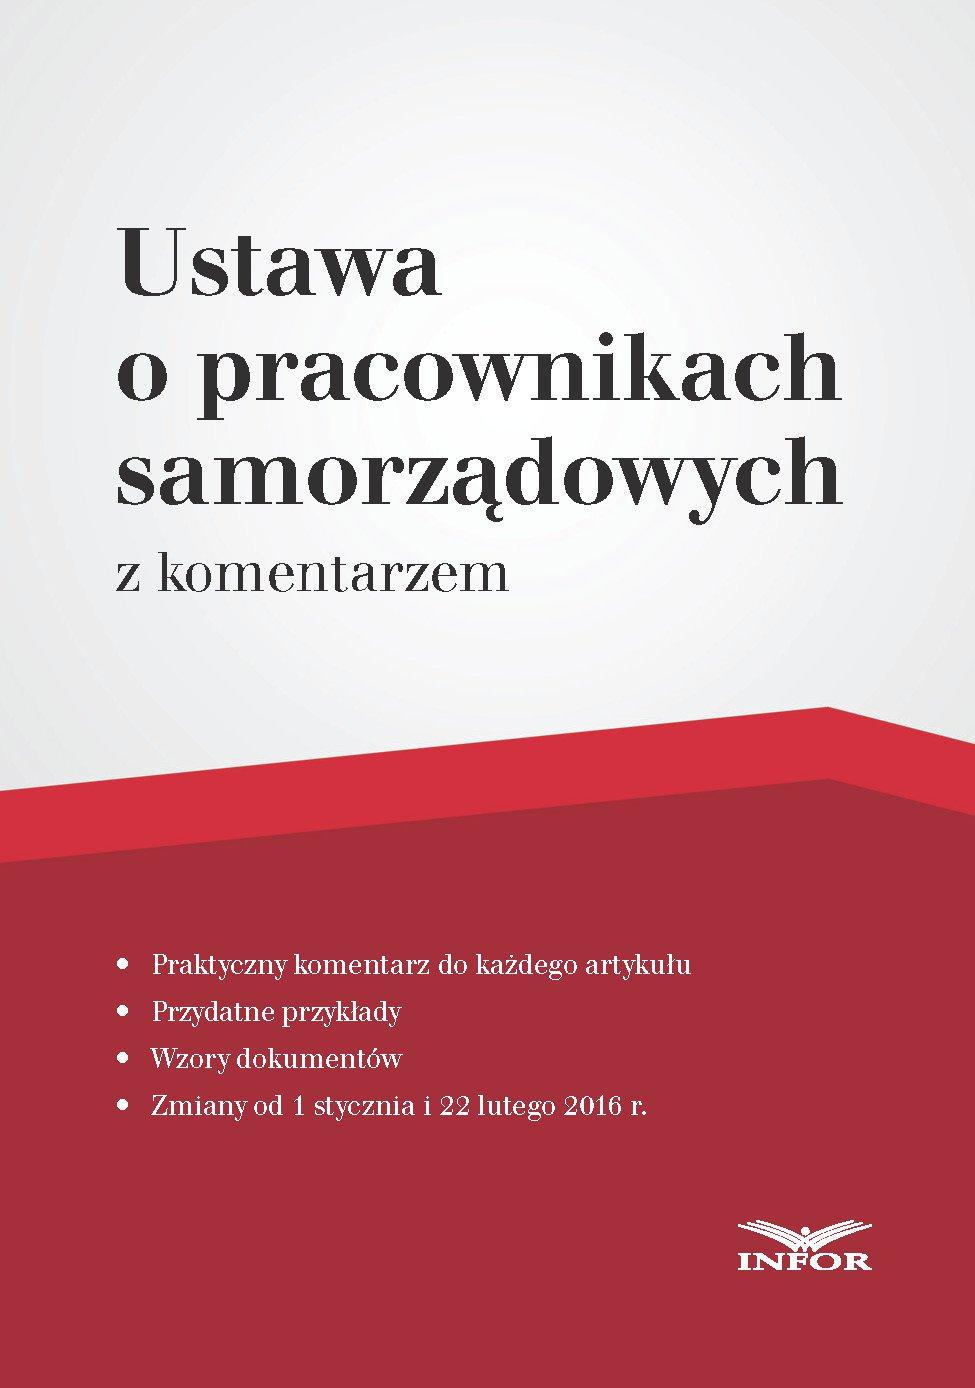 Ustawa o pracownikach samorządowych – komentarz - Magdalena Kasprzak